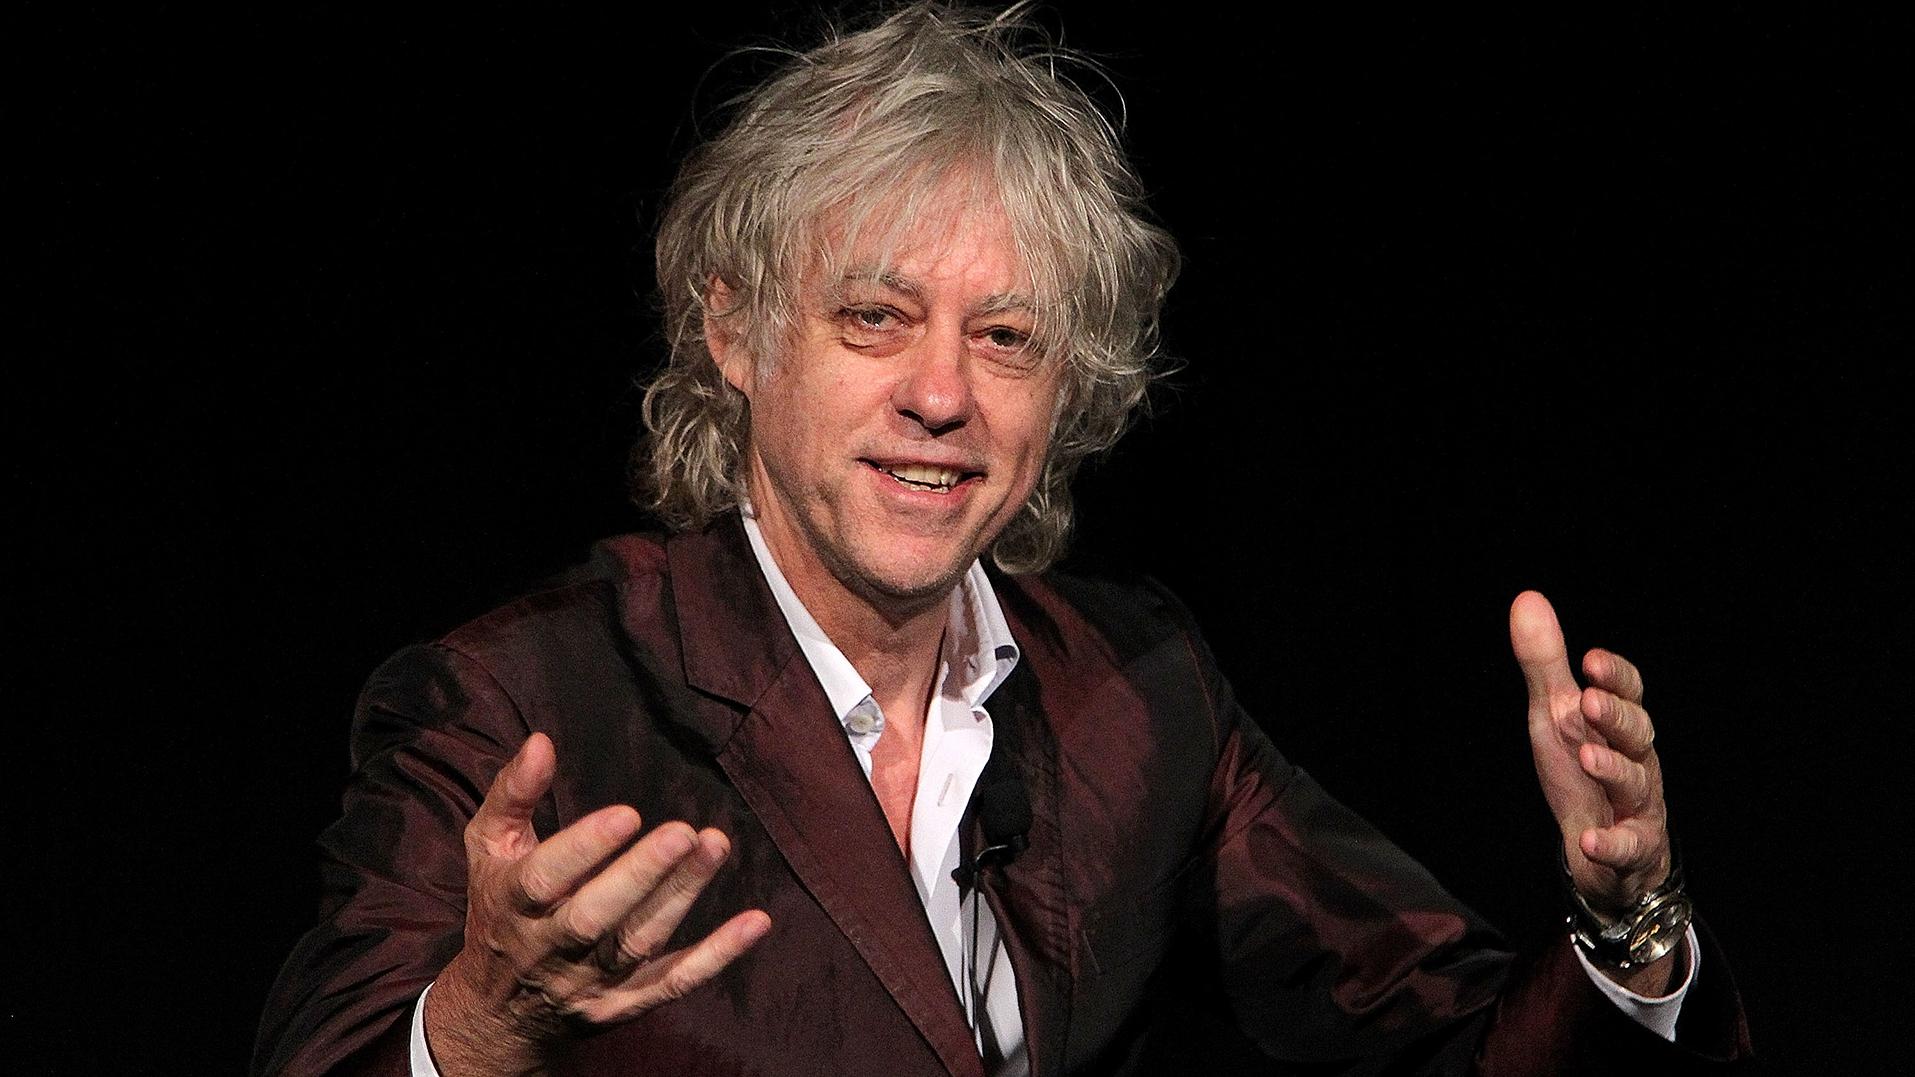 Bob Geldof a los 70: sus ganas de cambiar el mundo, las muertes trágicas en su familia y el alma destrozada - Infobae